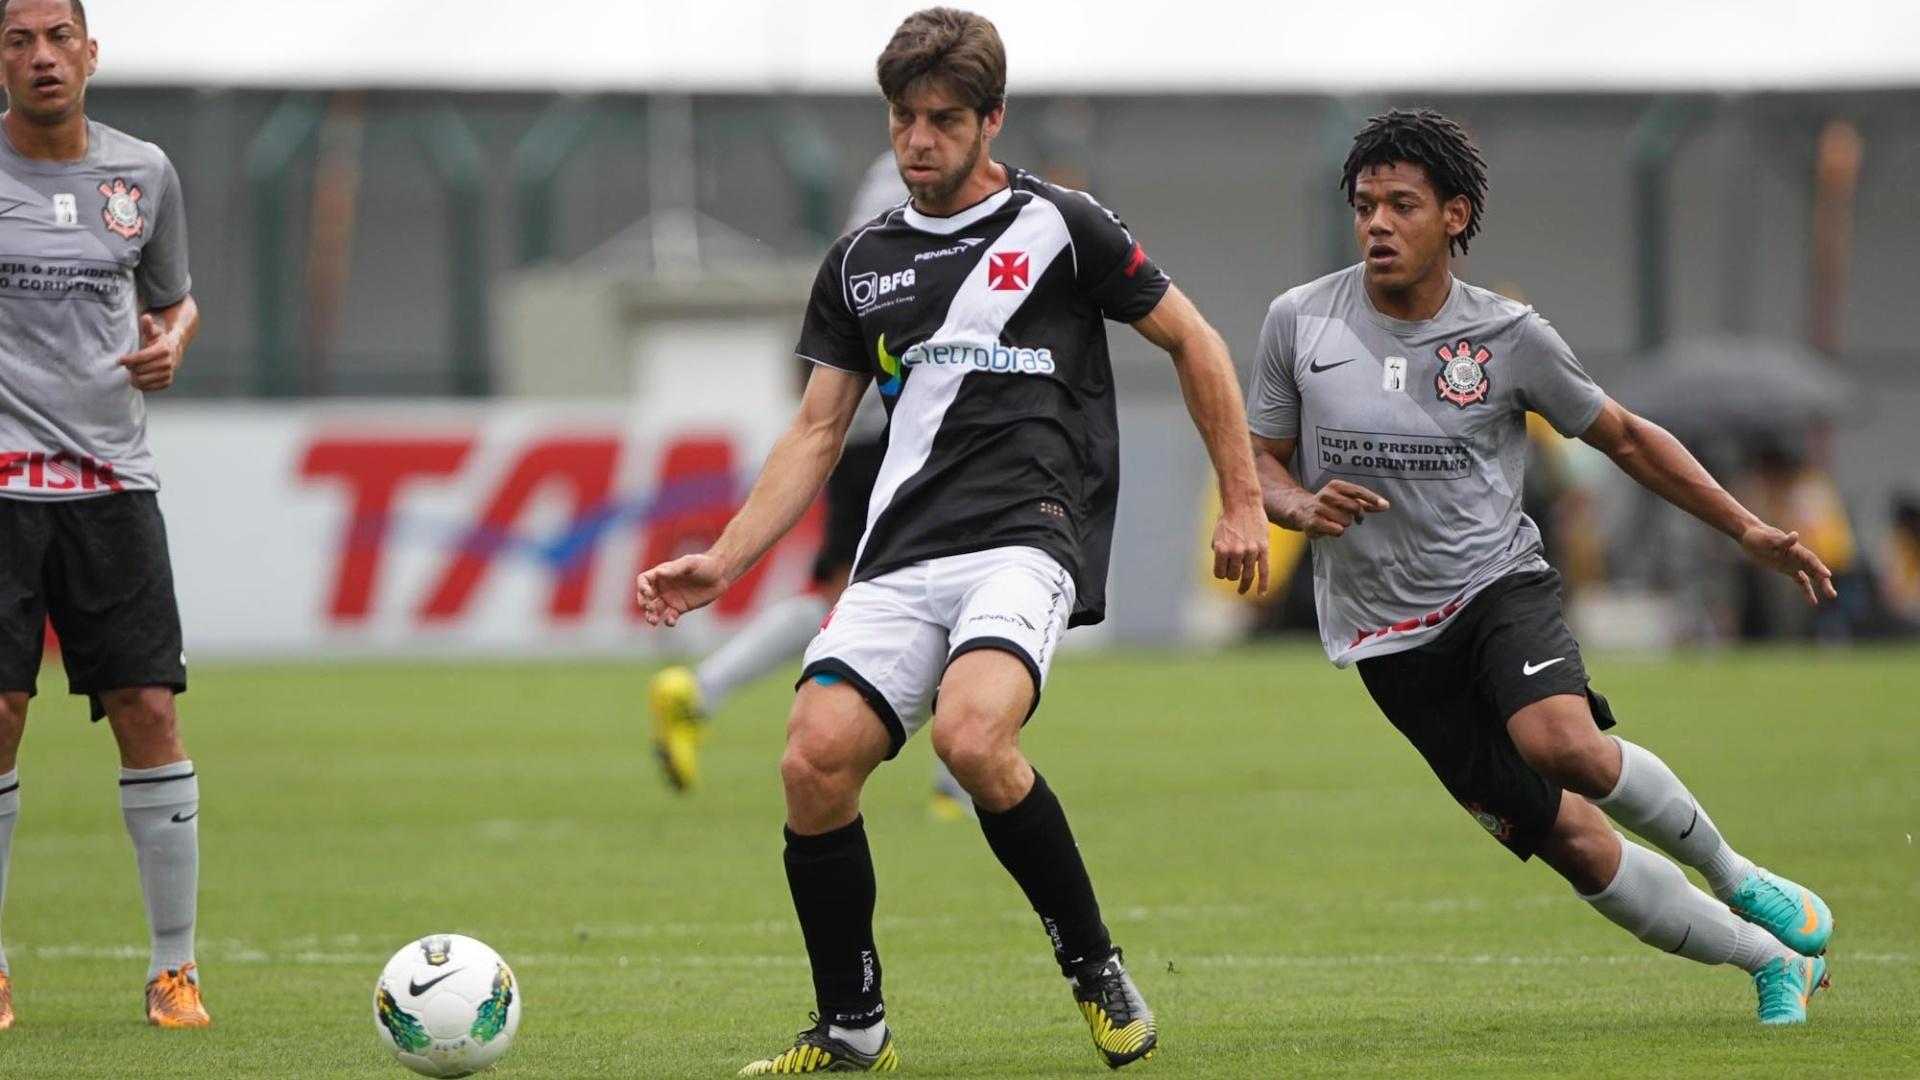 Observado por Romarinho, Juninho Pernambucano recebe a bola durante a partida entre Corinthians e Vasco, no Pacaembu